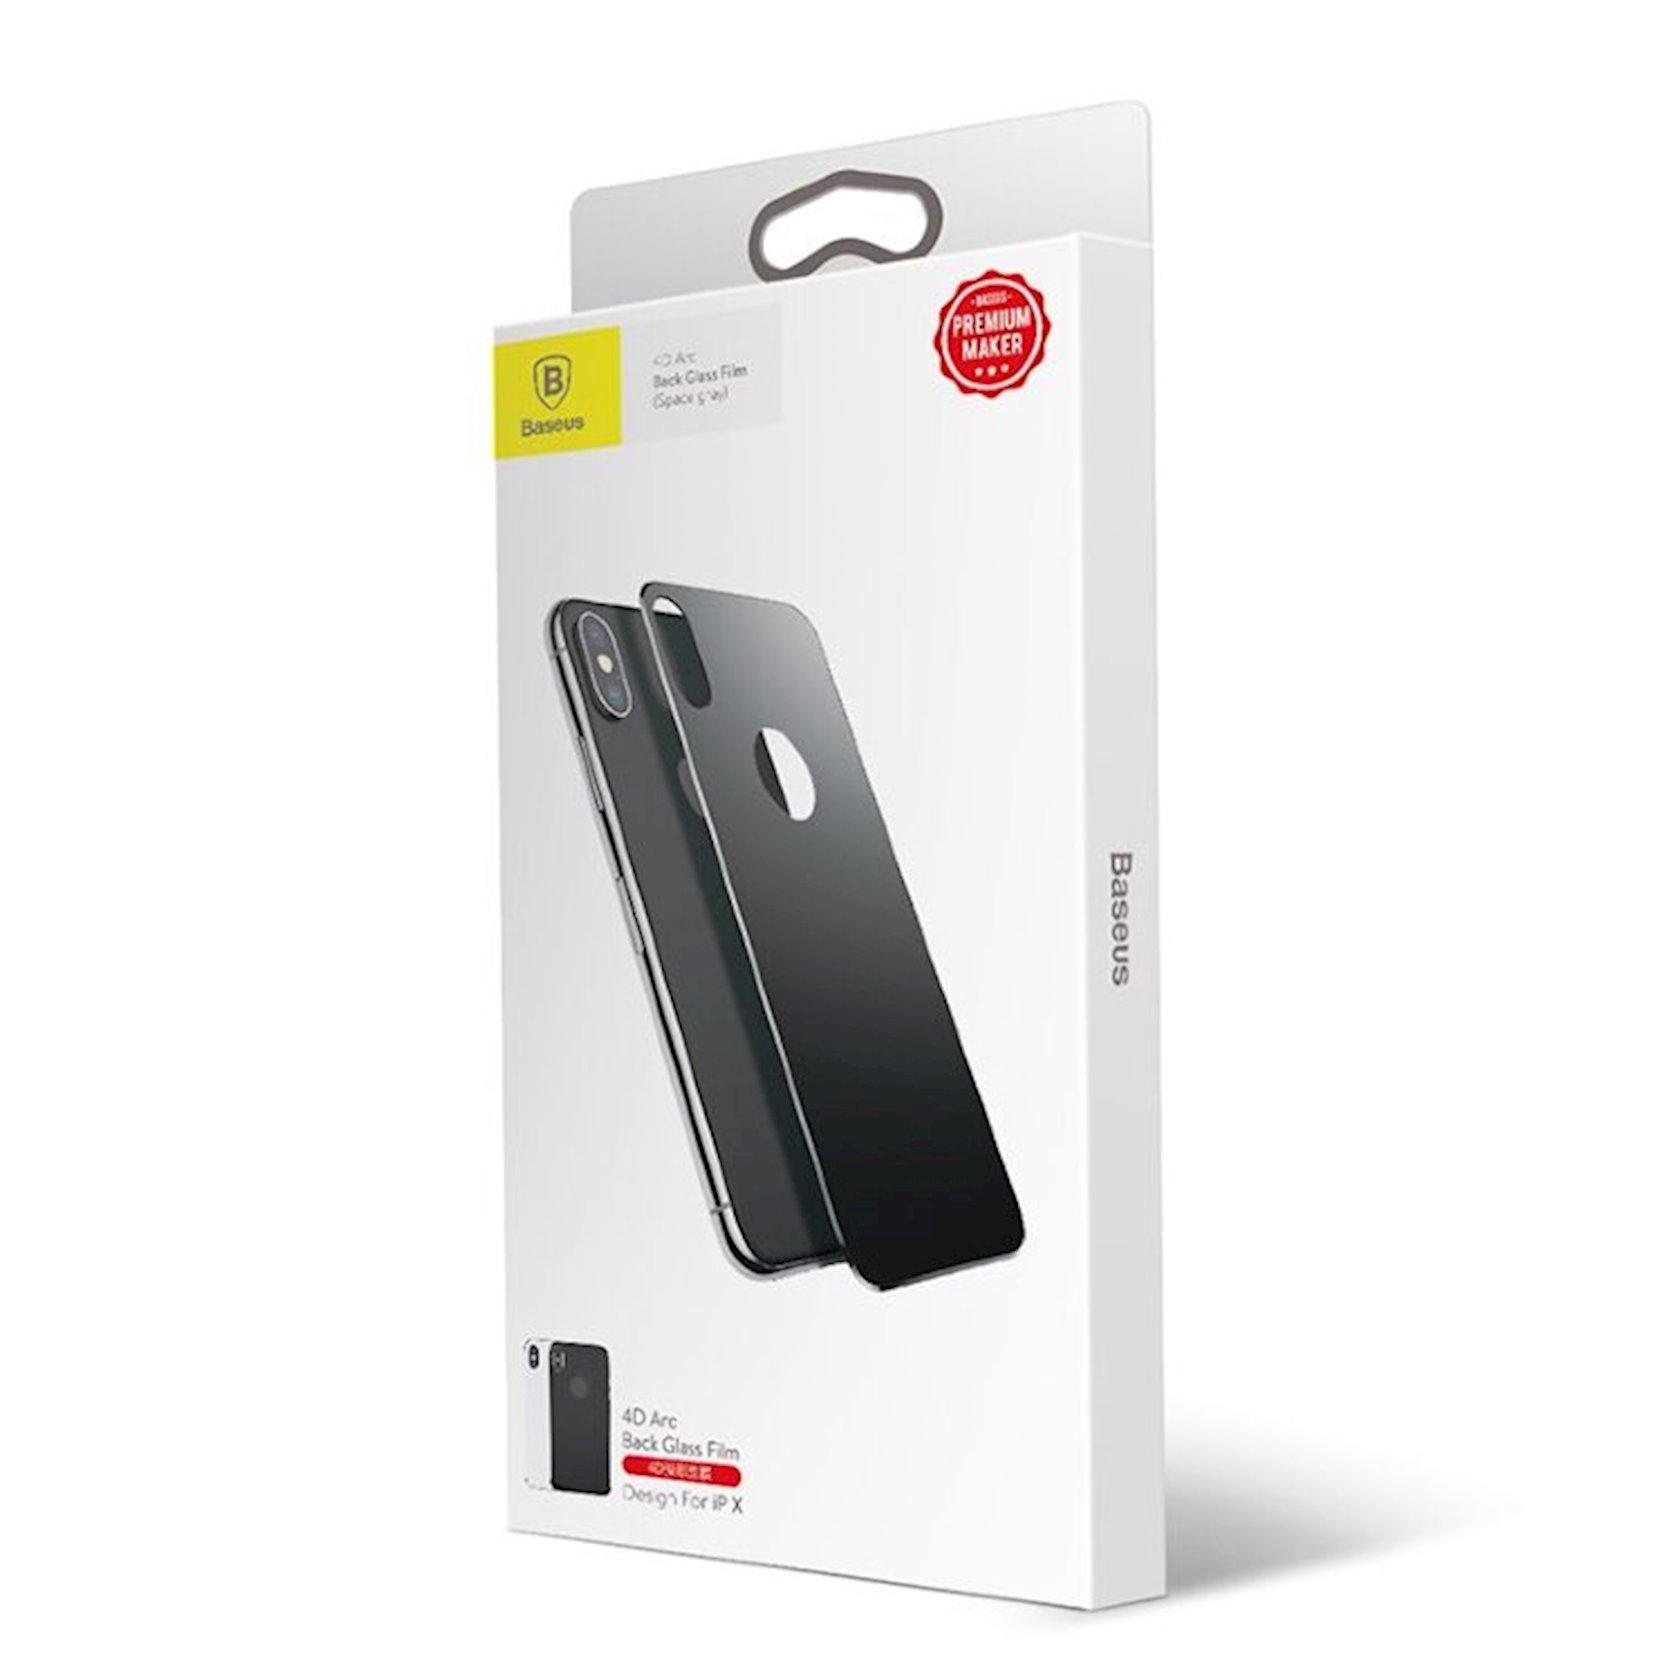 Qoruyucu şüşə Baseus Full coverage curved tempered glass rear protector Sgapiph58-bm01 Apple iPhone X/XS üçün, qara